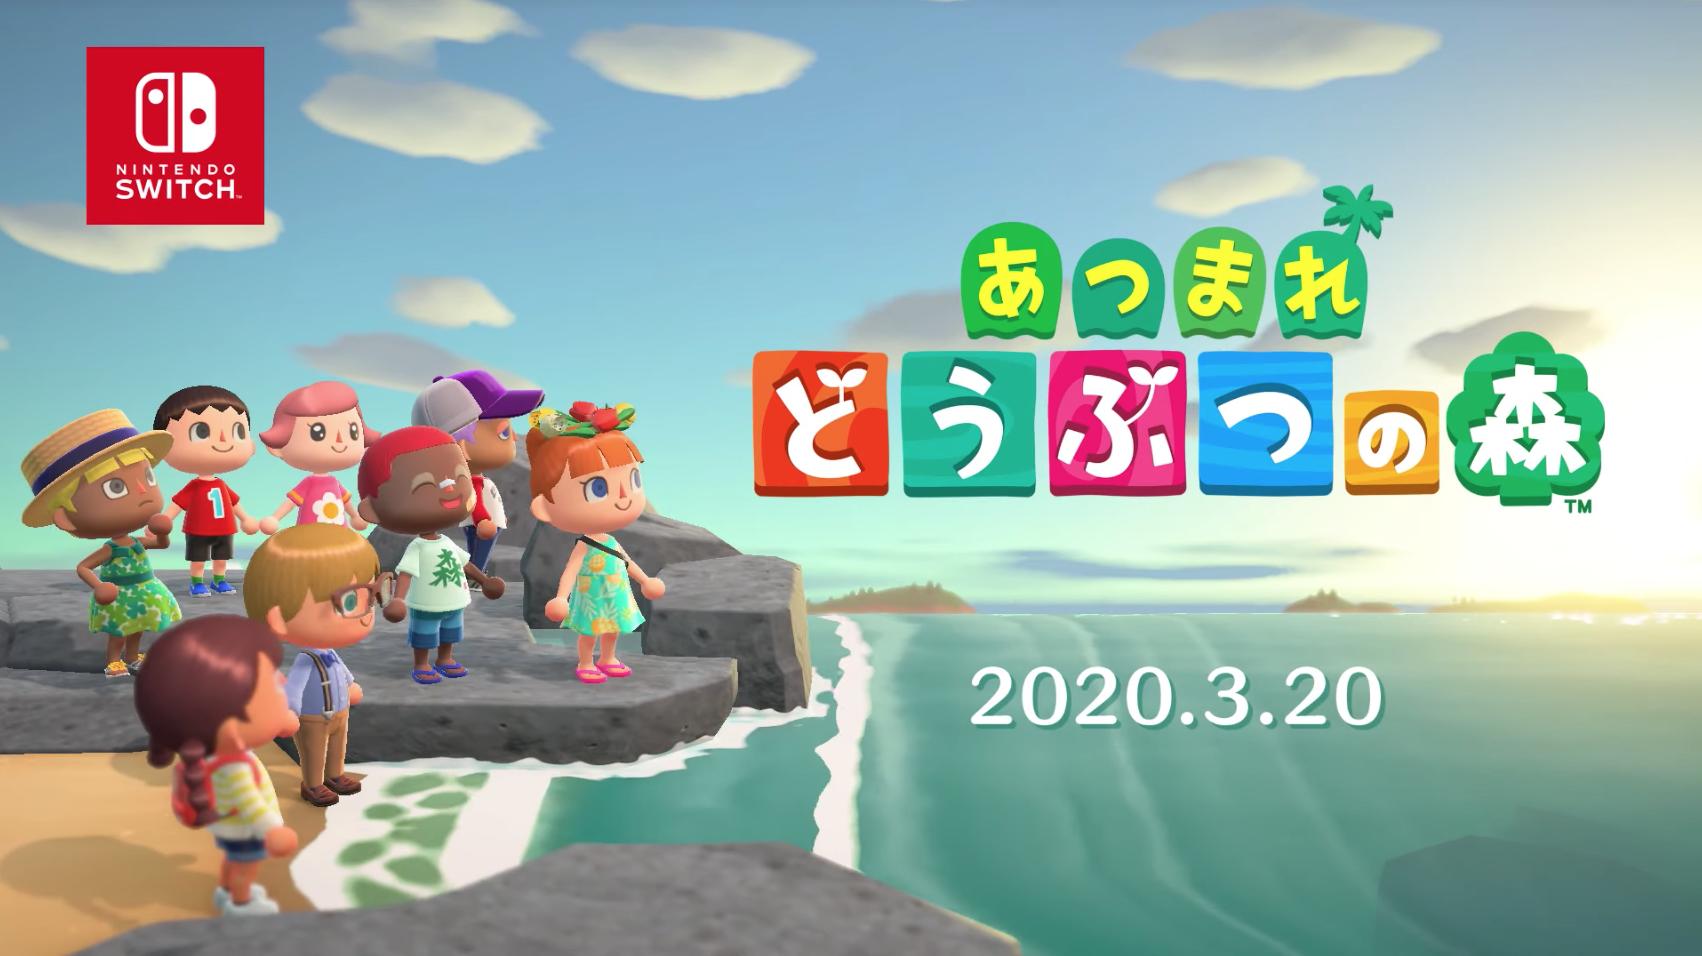 『あつまれどうぶつの森』2020年3月20日発売!! : ニンテンドーニュース速報